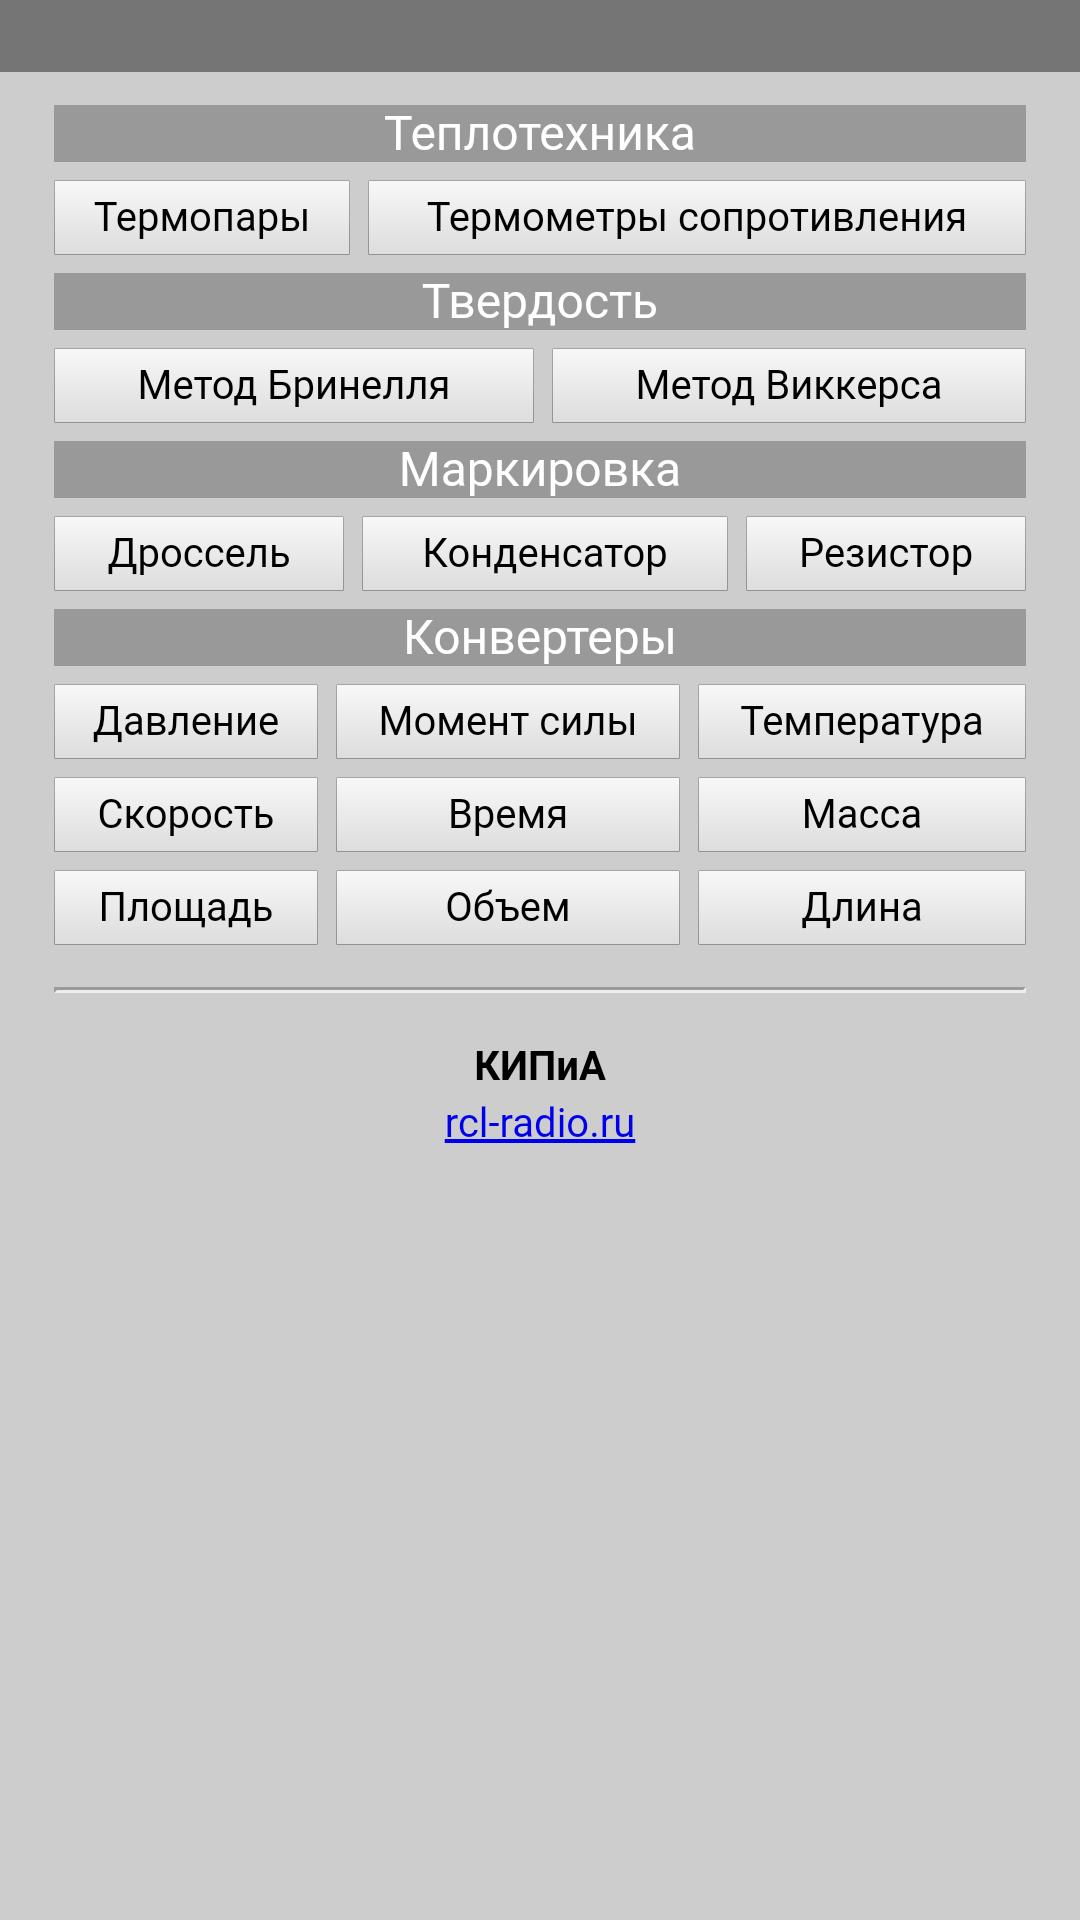 Простые и сложные предложения с примерами (4 класс, русский язык)